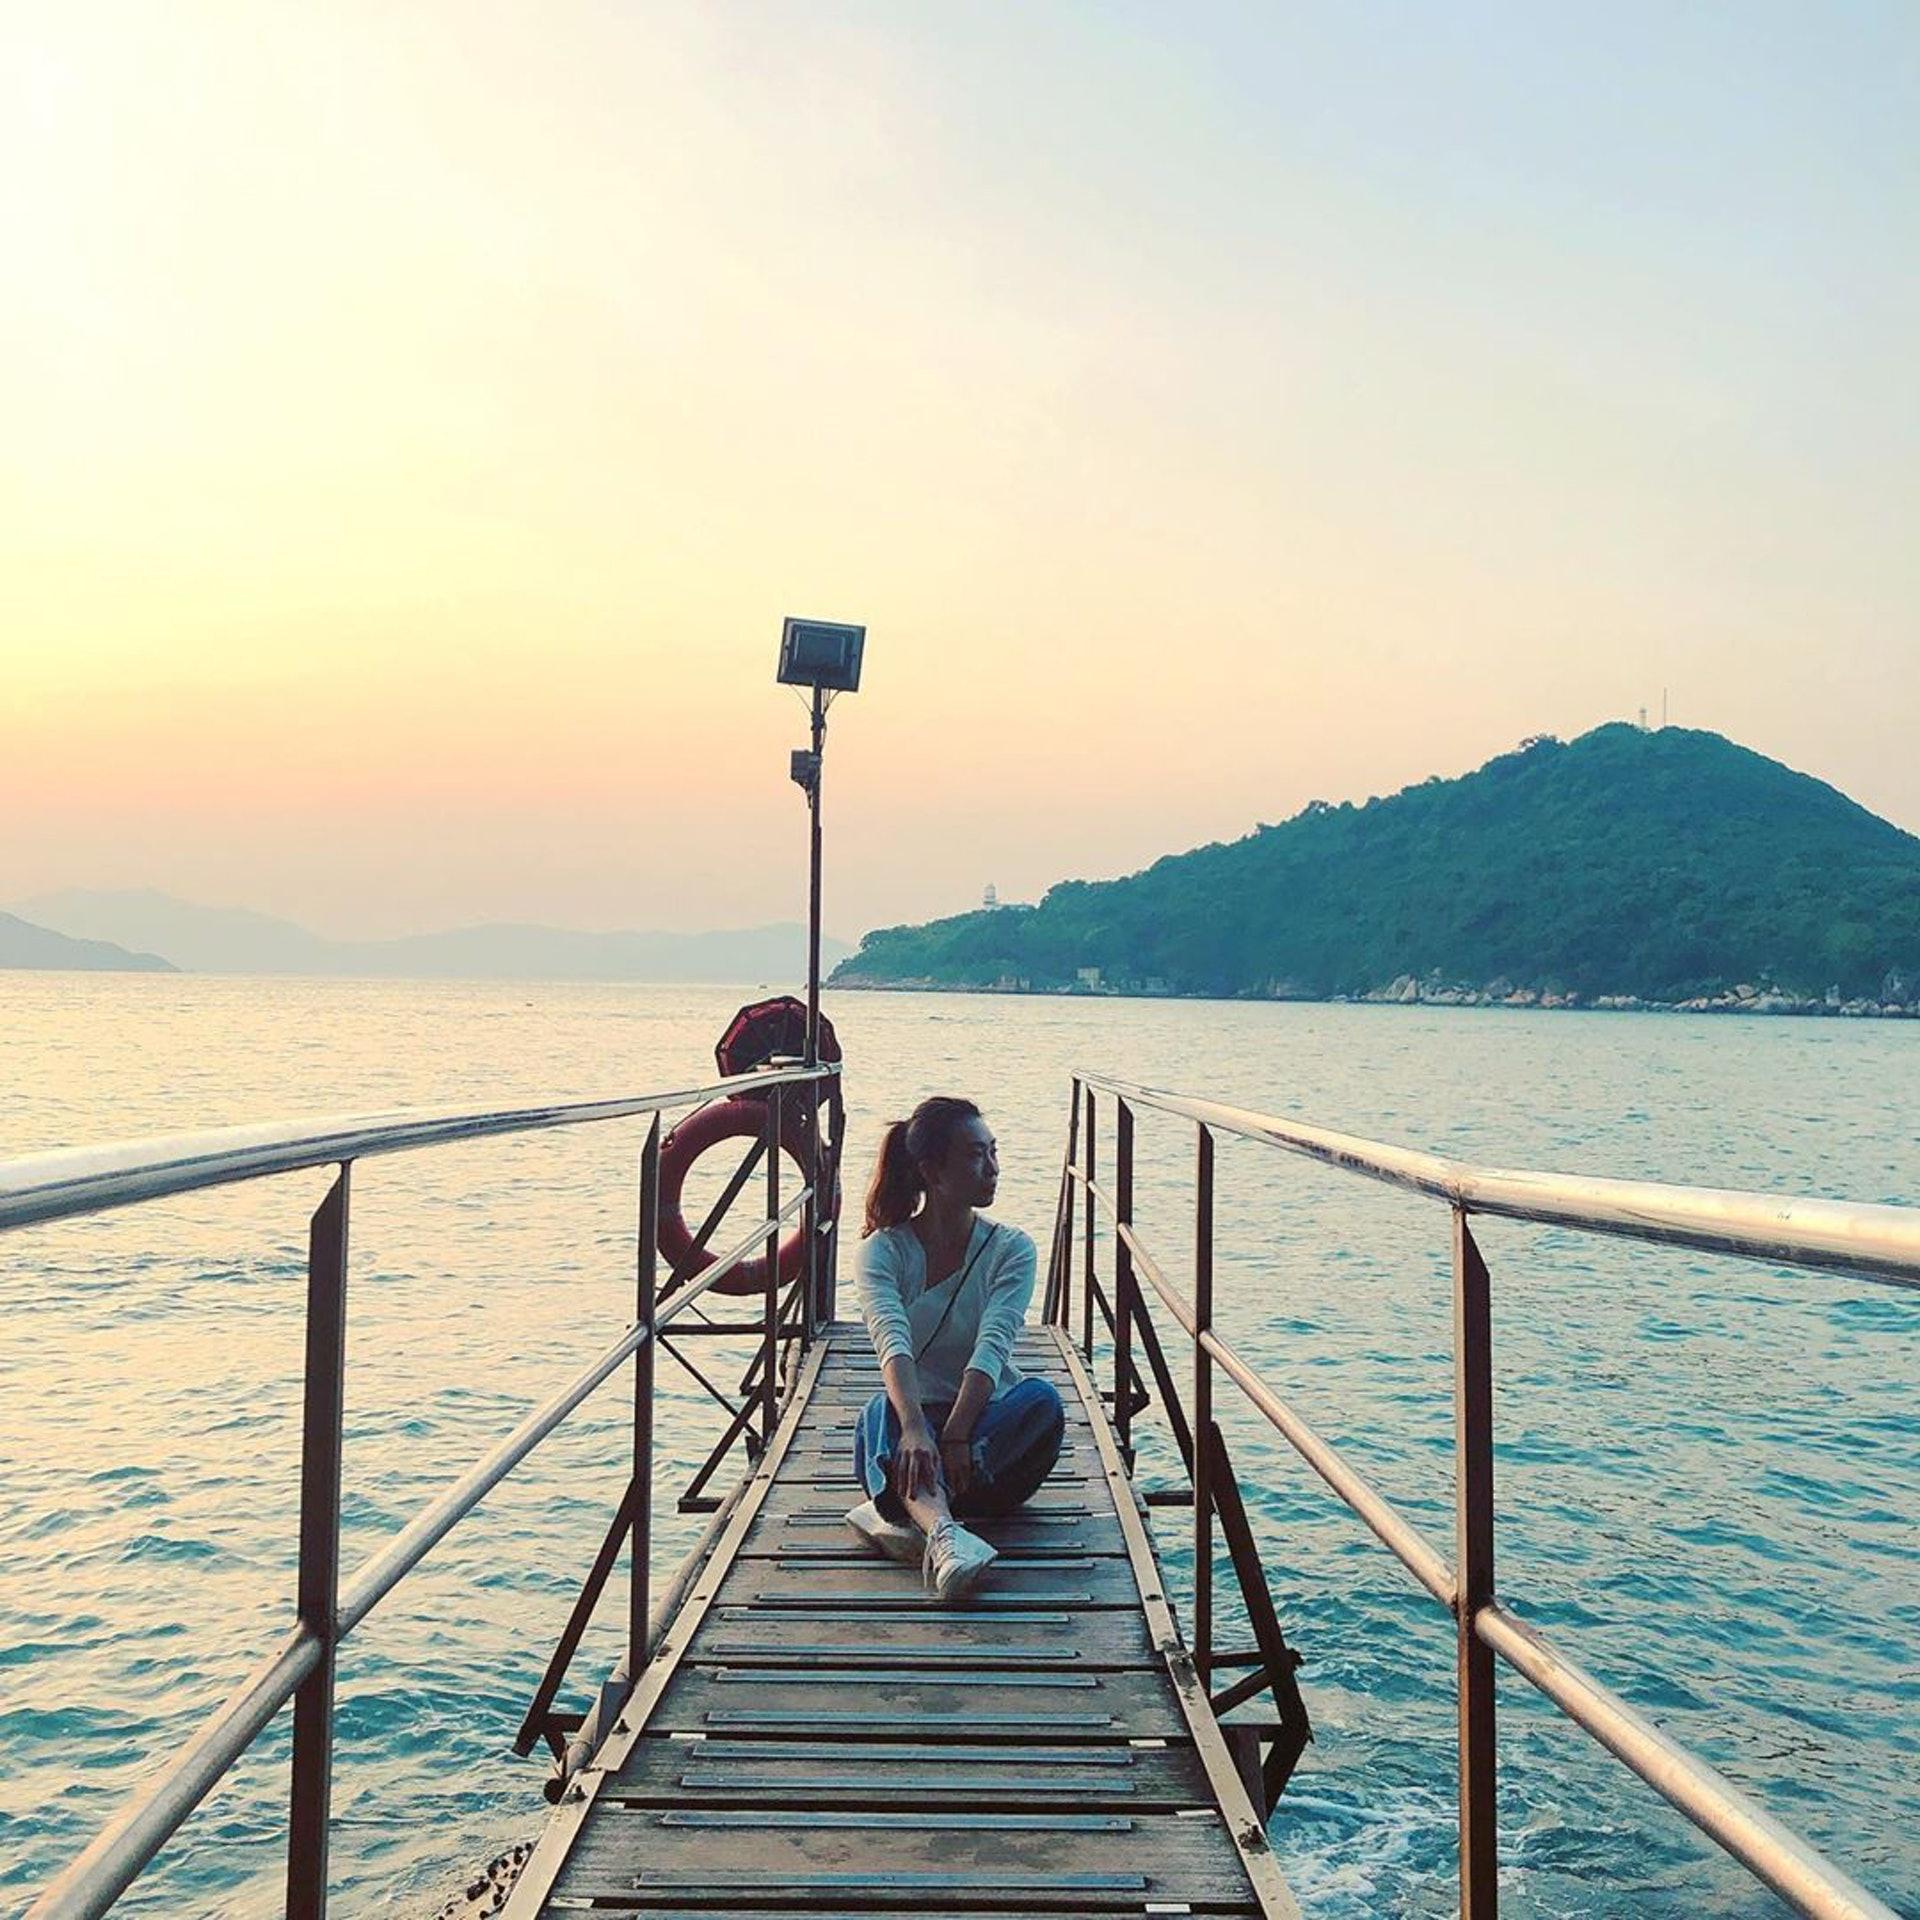 坐在木橋上影就更有憂鬱的感覺,(ig@ luibobo)